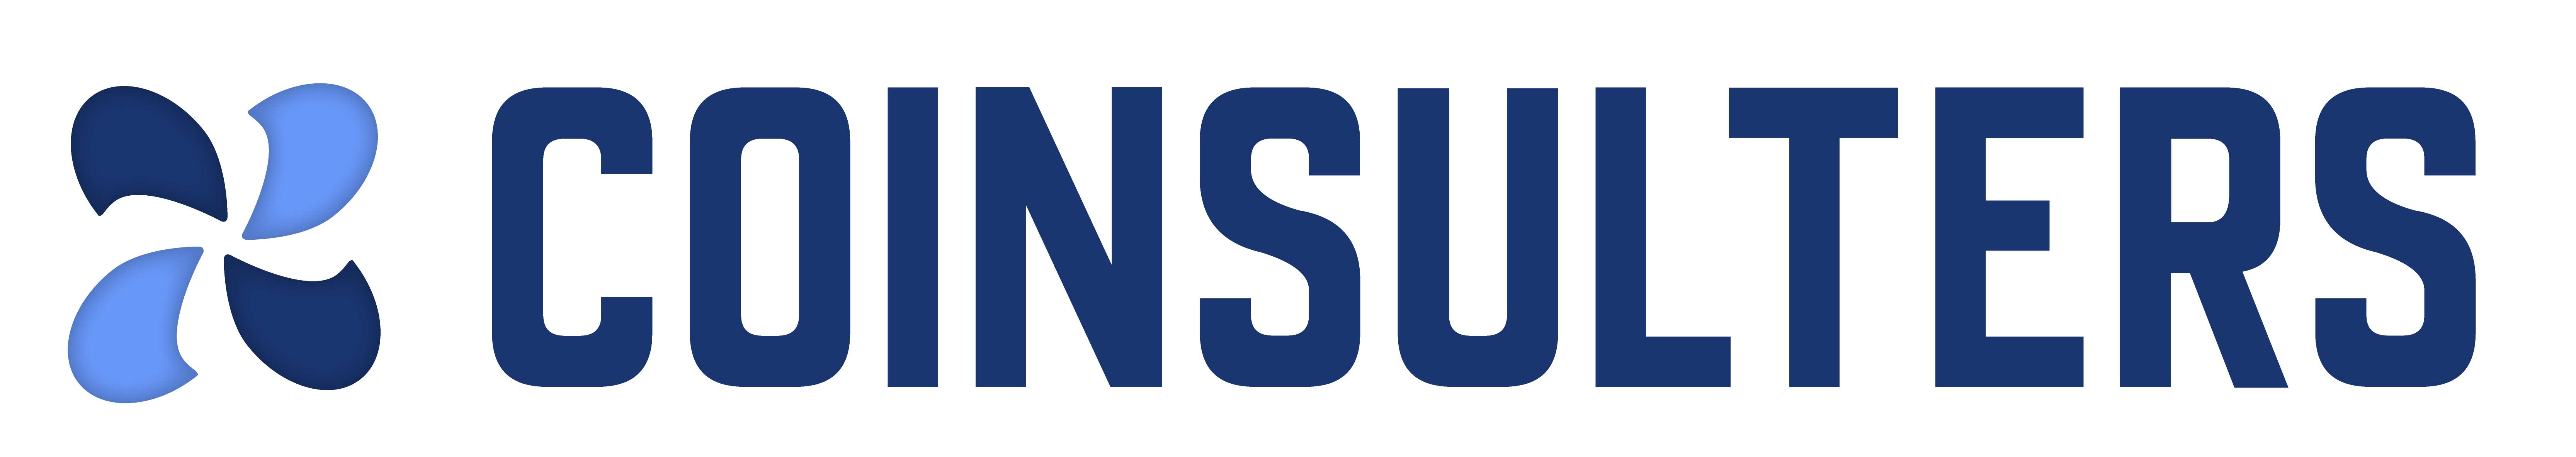 Coinsulter logo